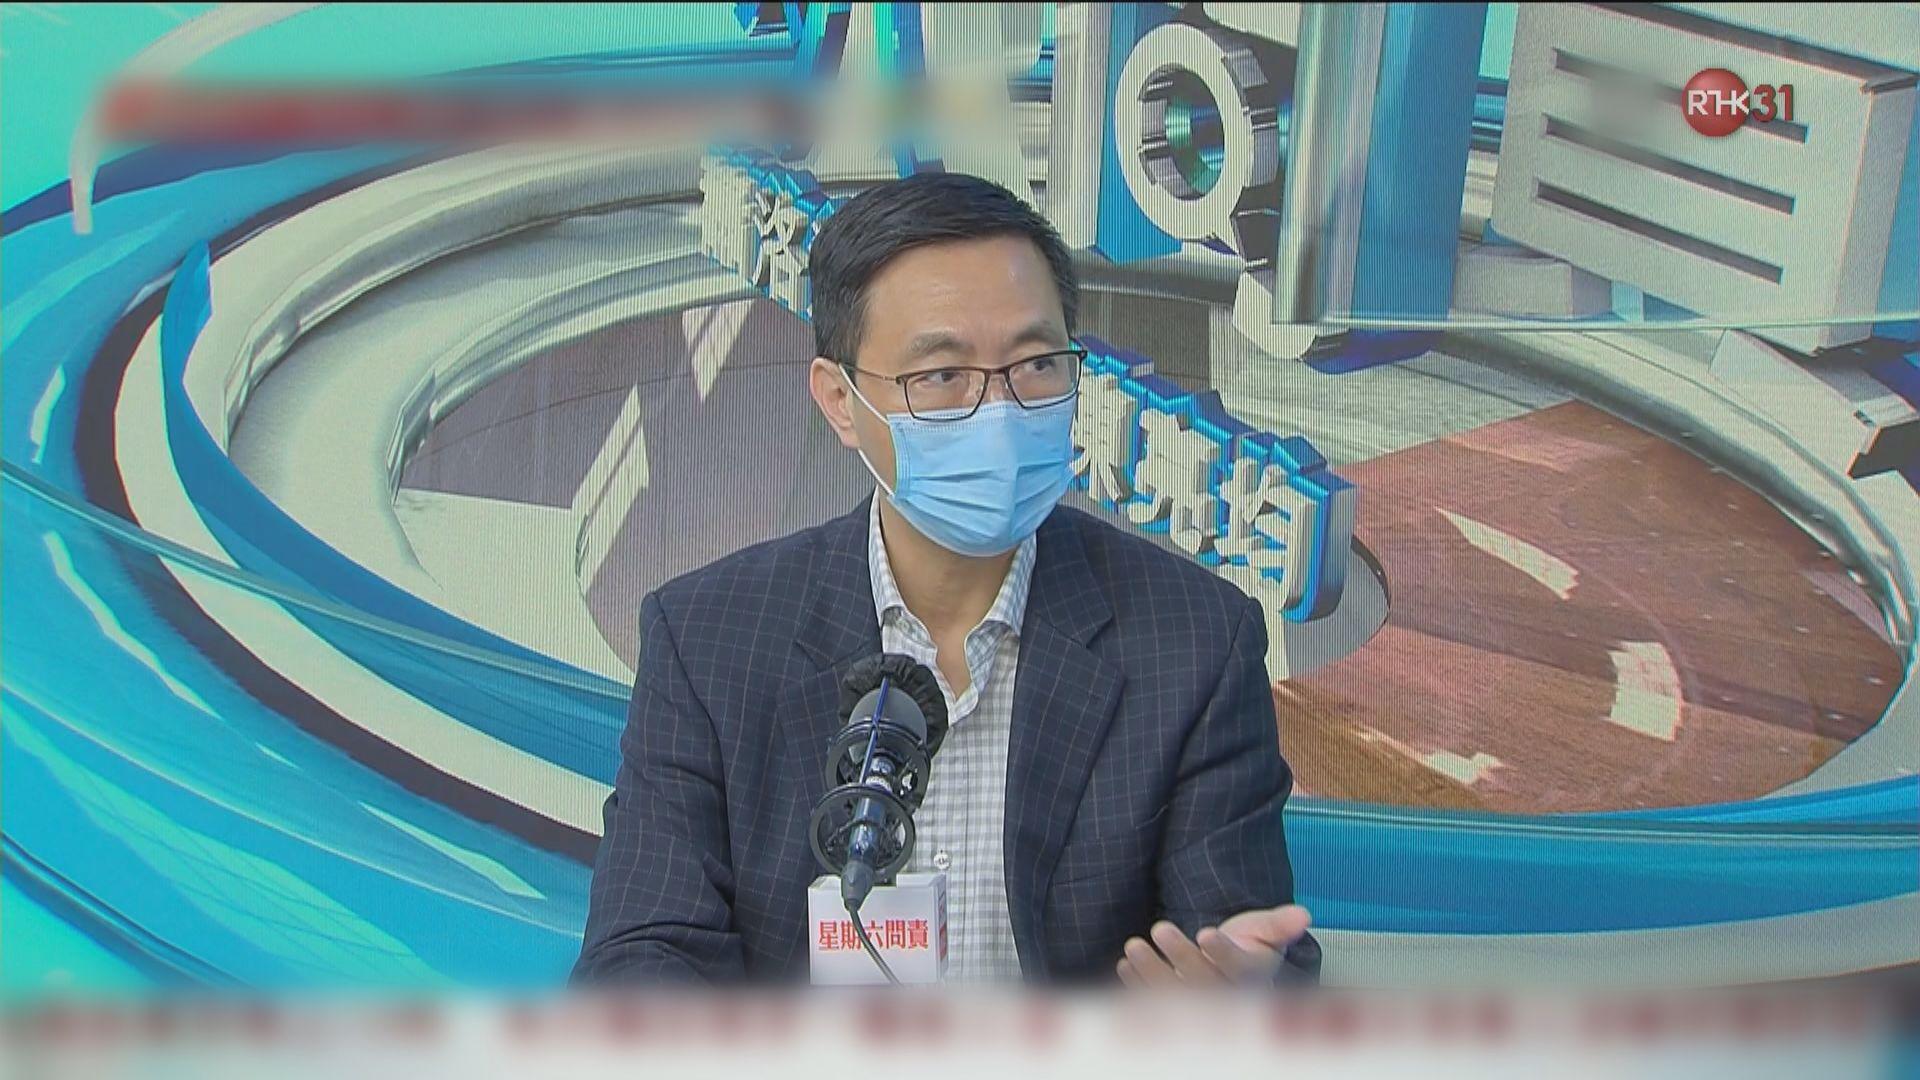 楊潤雄:考慮恢復全日制前提要解決學生午膳安排